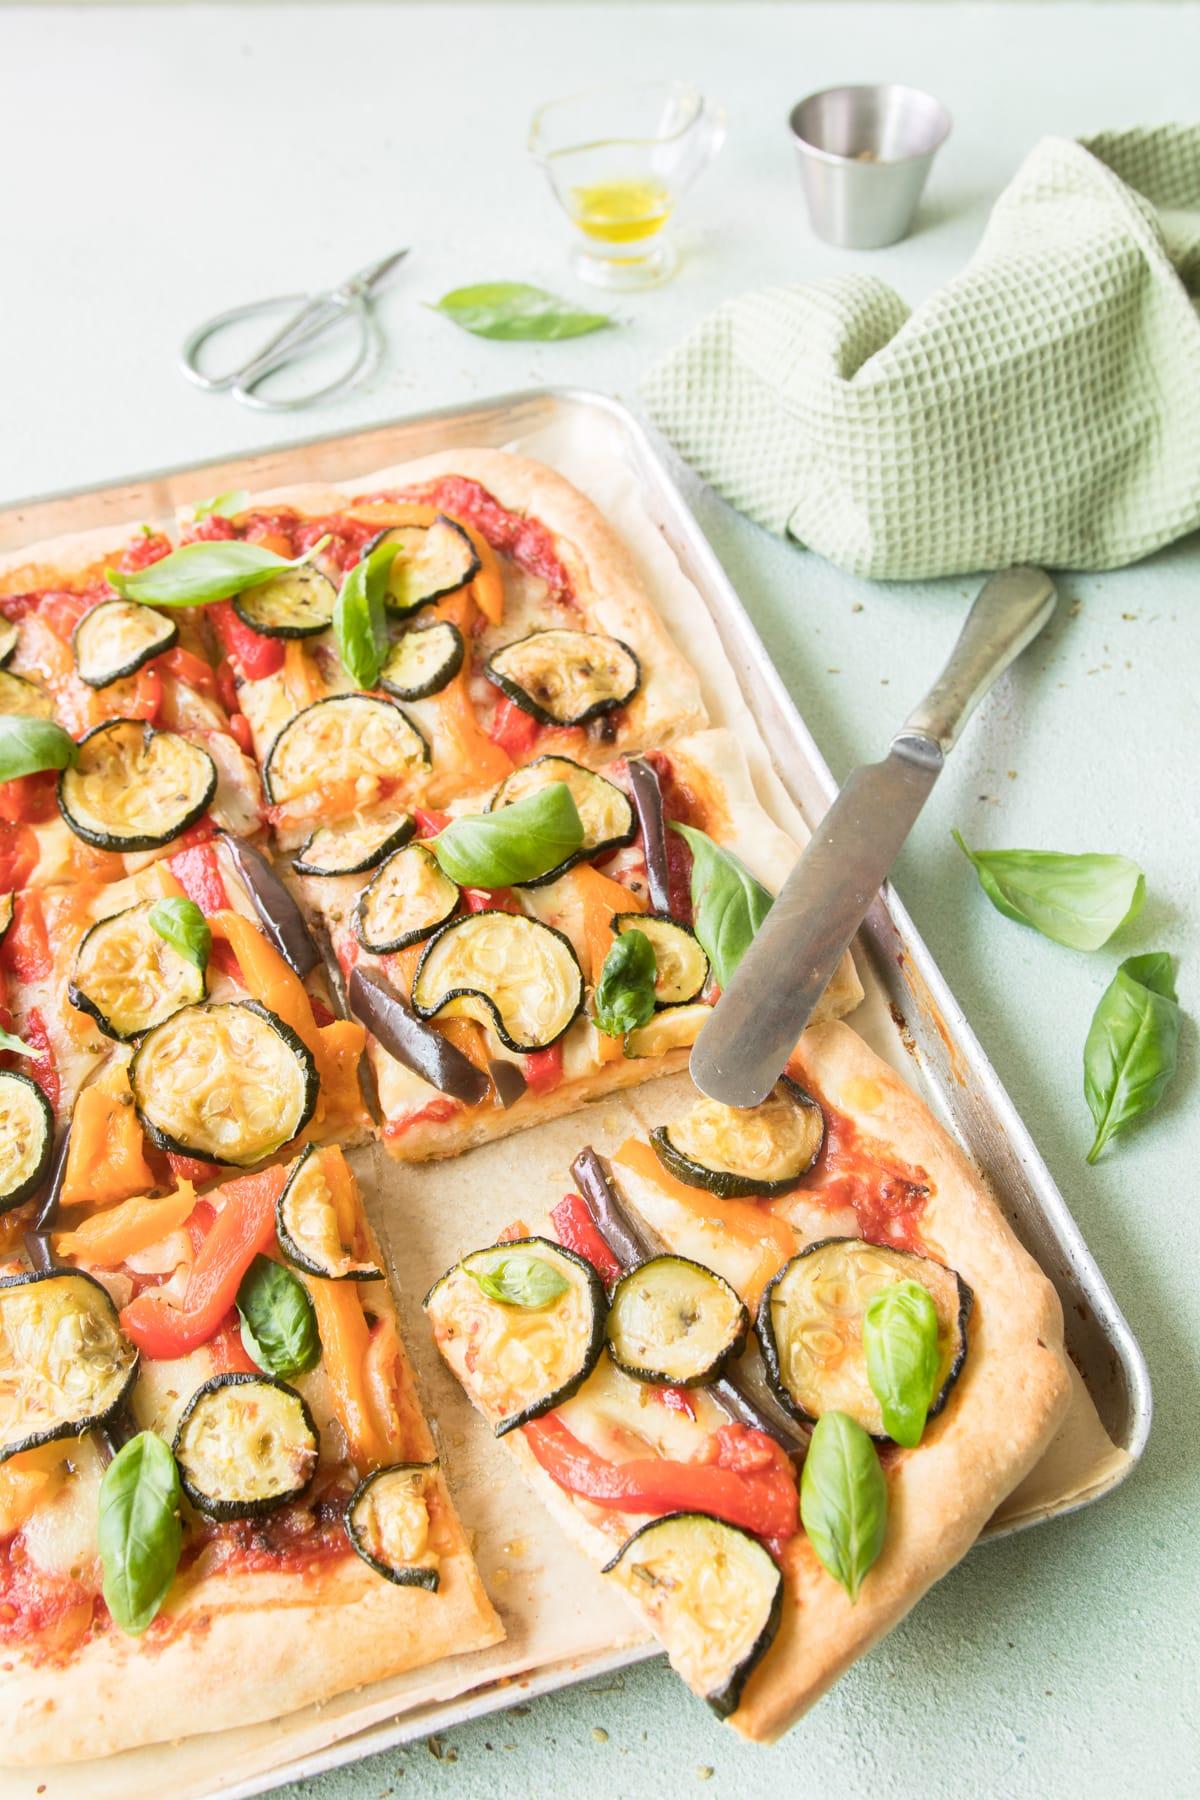 Pizza traditionnelle aux légumes grillés